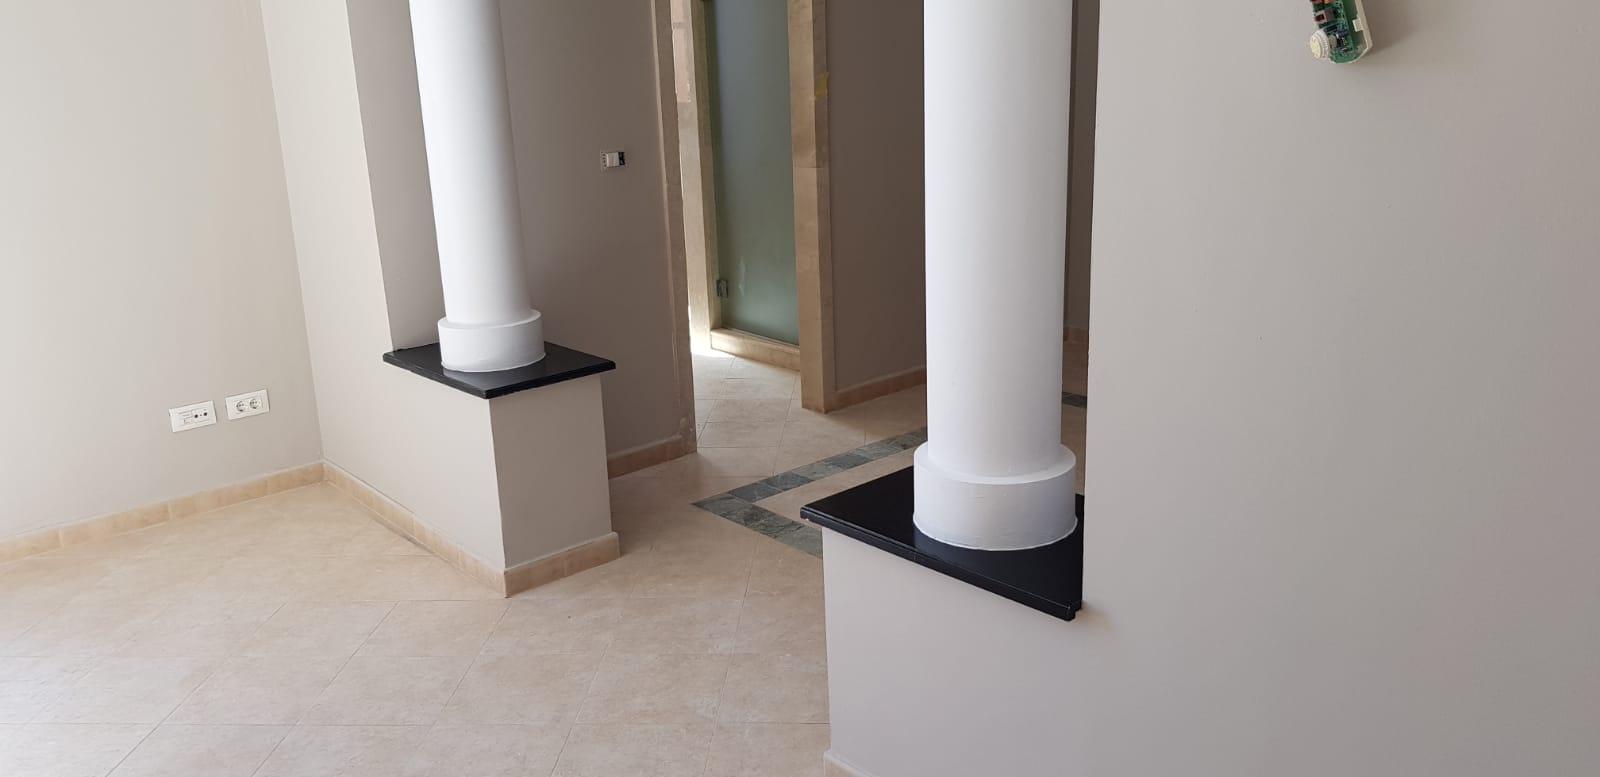 Detalle de una de las habitaciones del Hotel Melia Villaitana